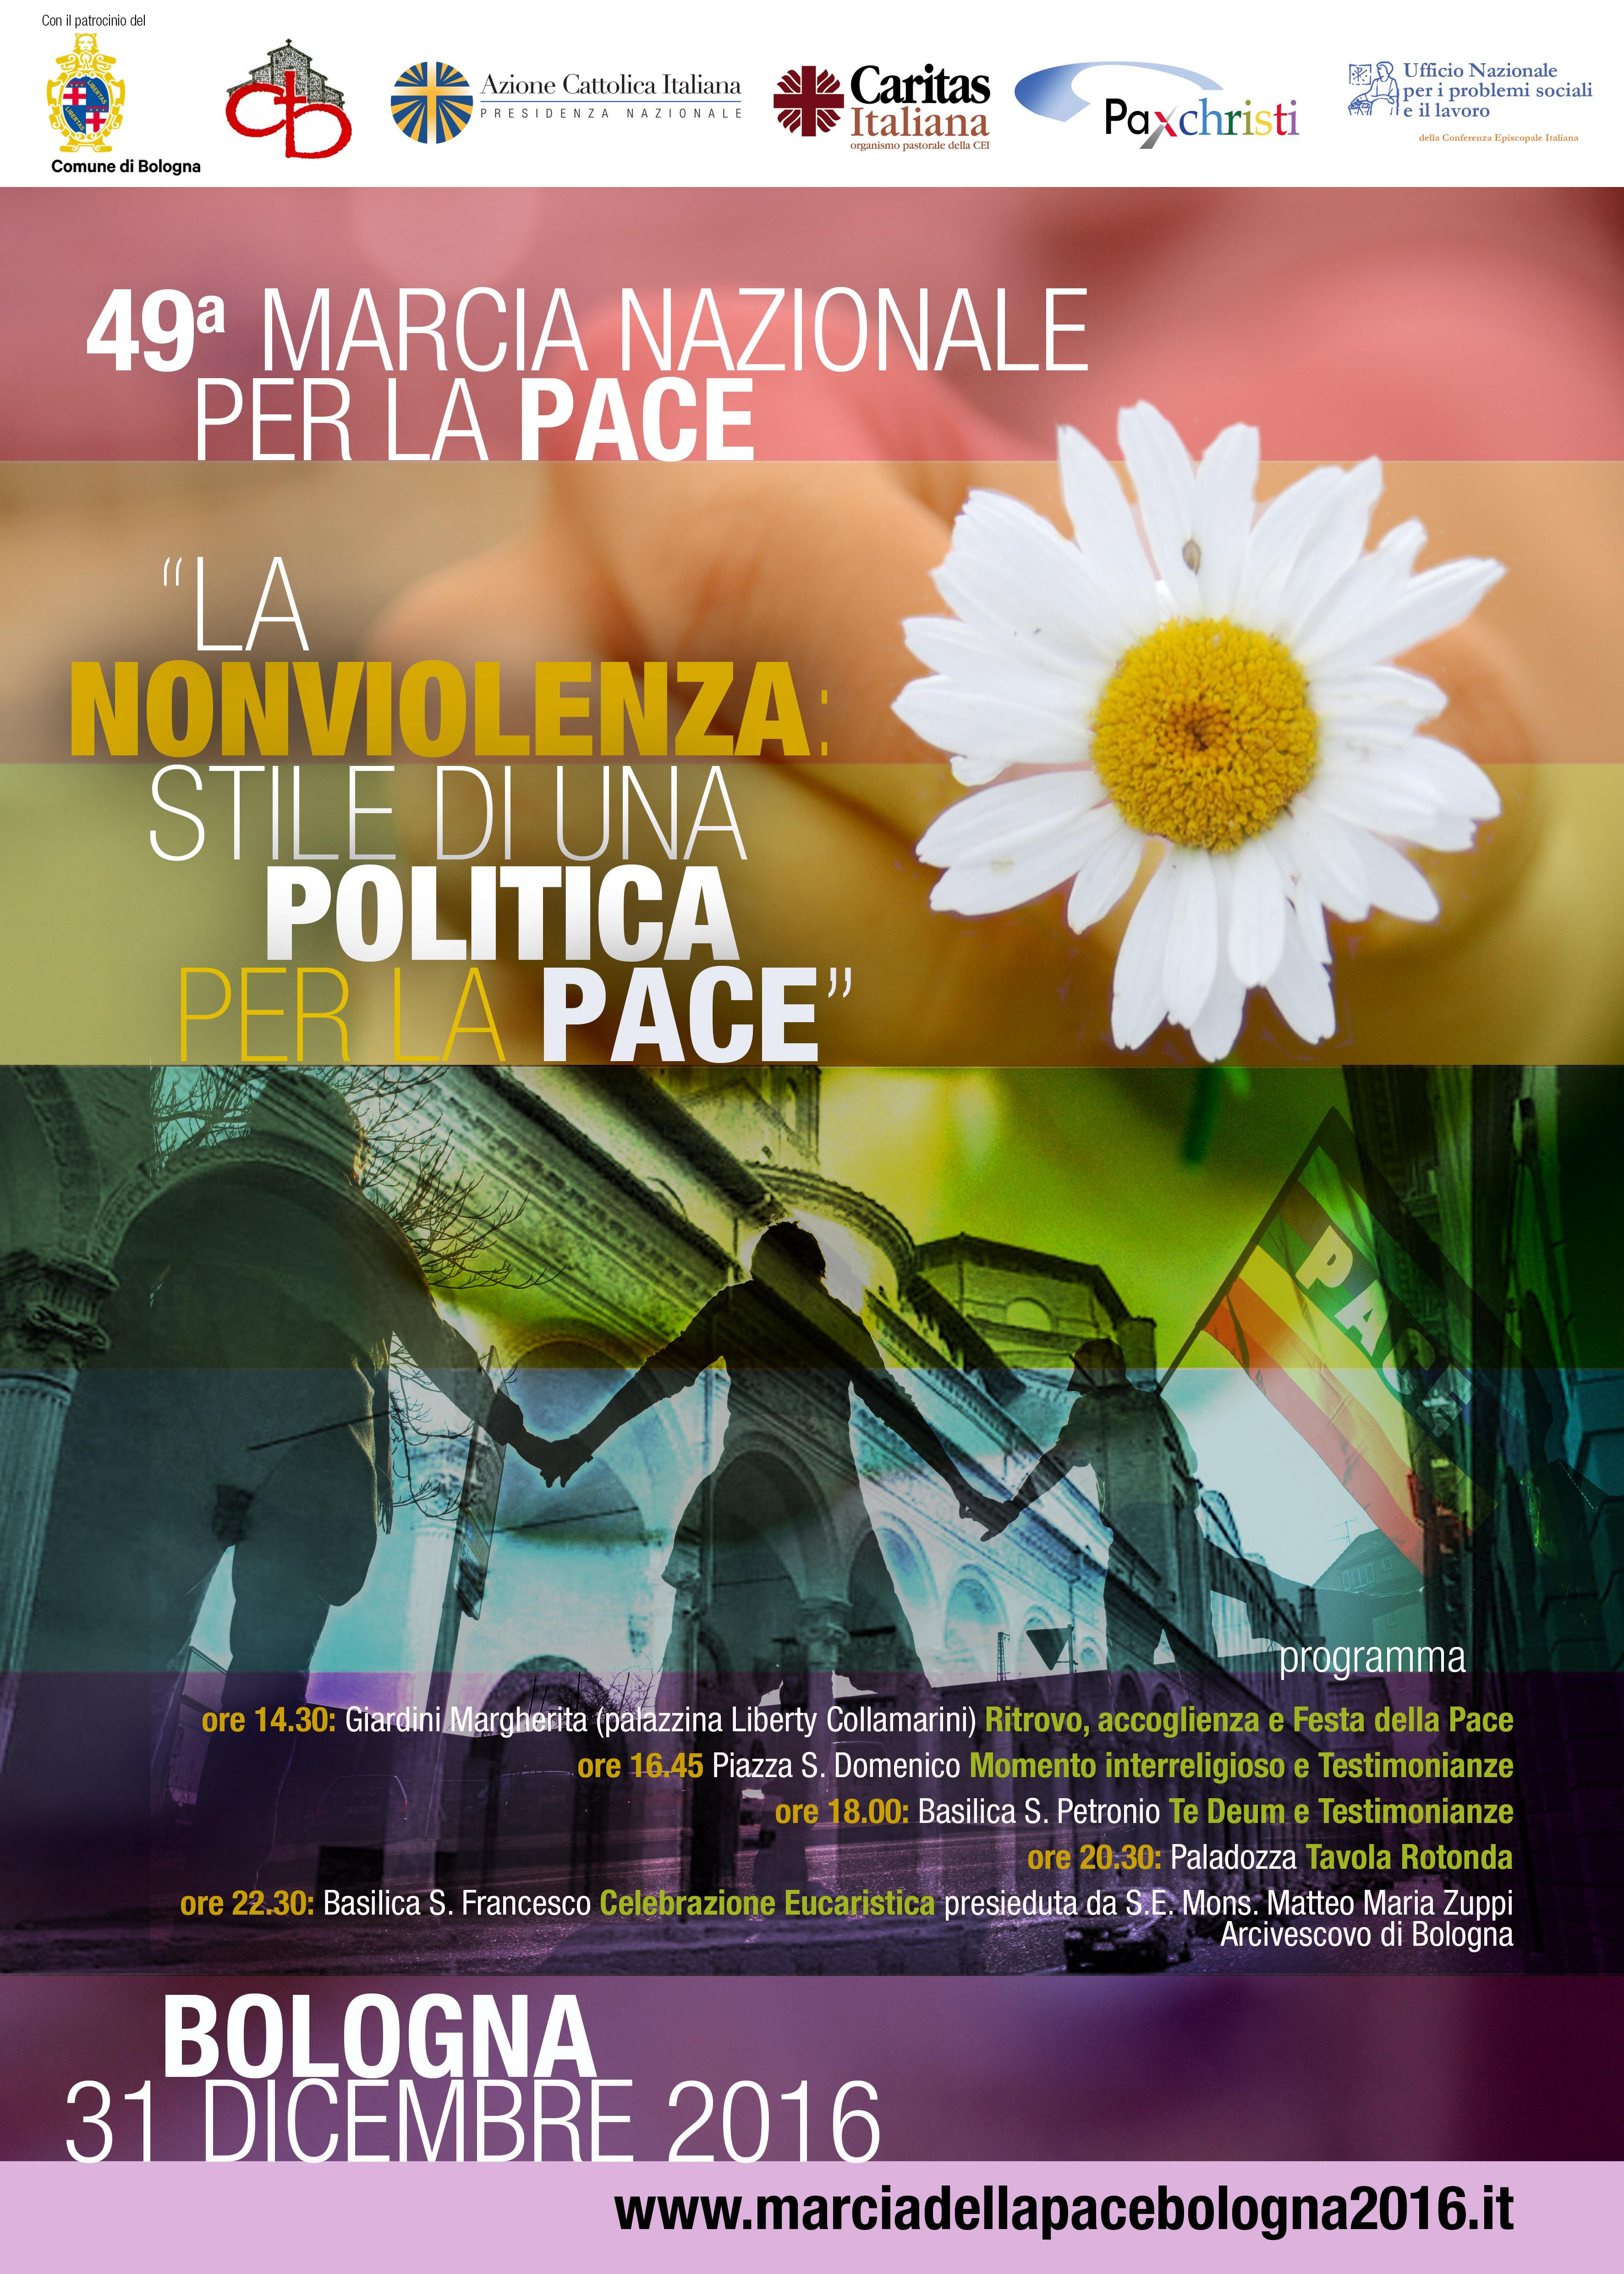 Marcia nazionale per la pace 2016 @ Bologna